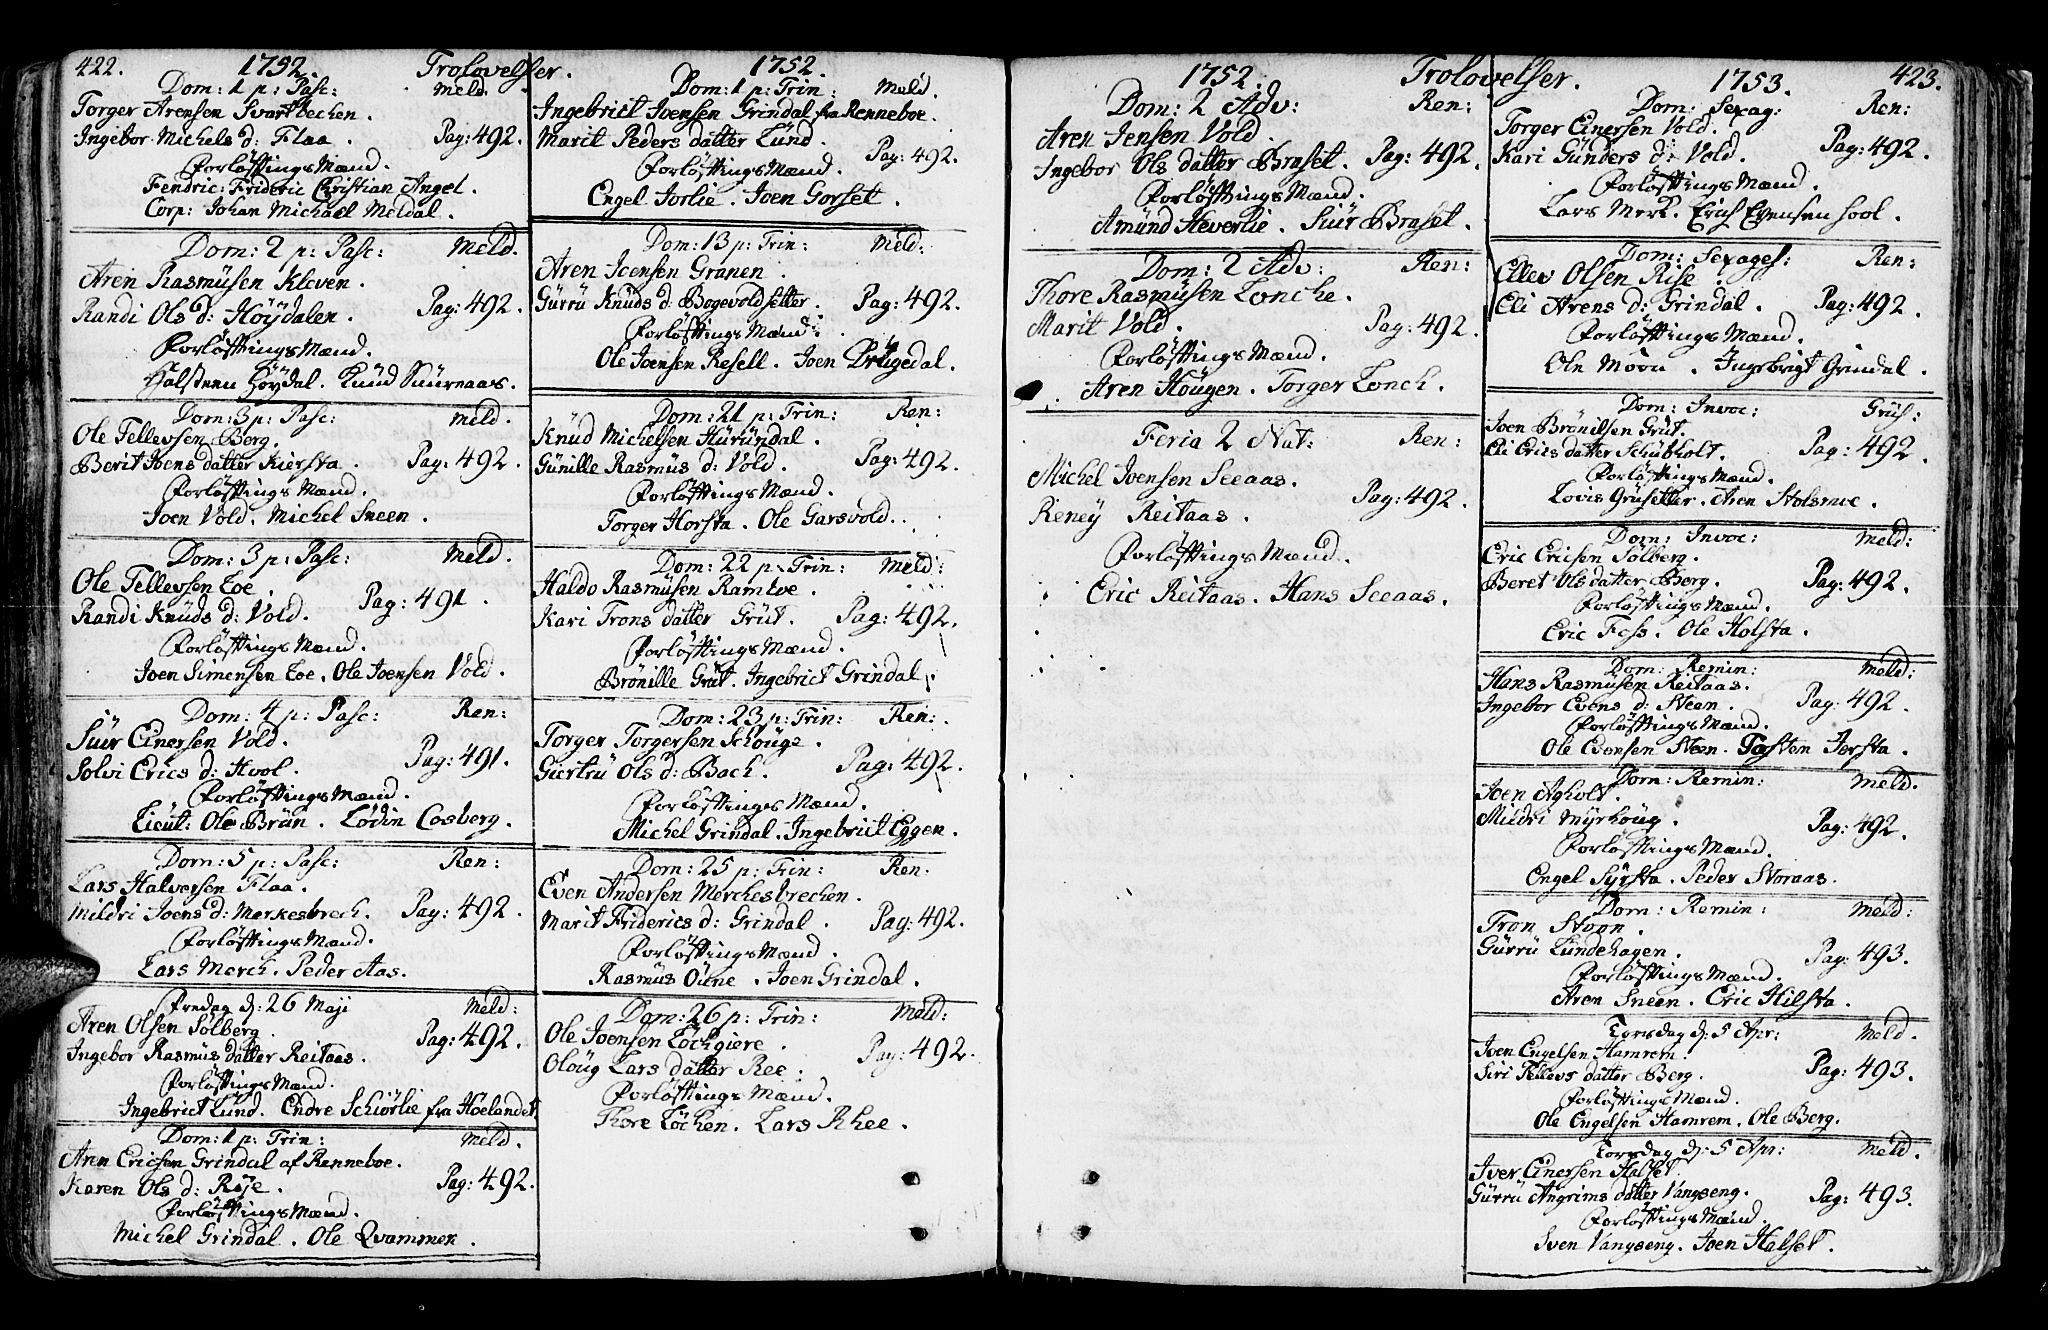 SAT, Ministerialprotokoller, klokkerbøker og fødselsregistre - Sør-Trøndelag, 672/L0851: Ministerialbok nr. 672A04, 1751-1775, s. 422-423